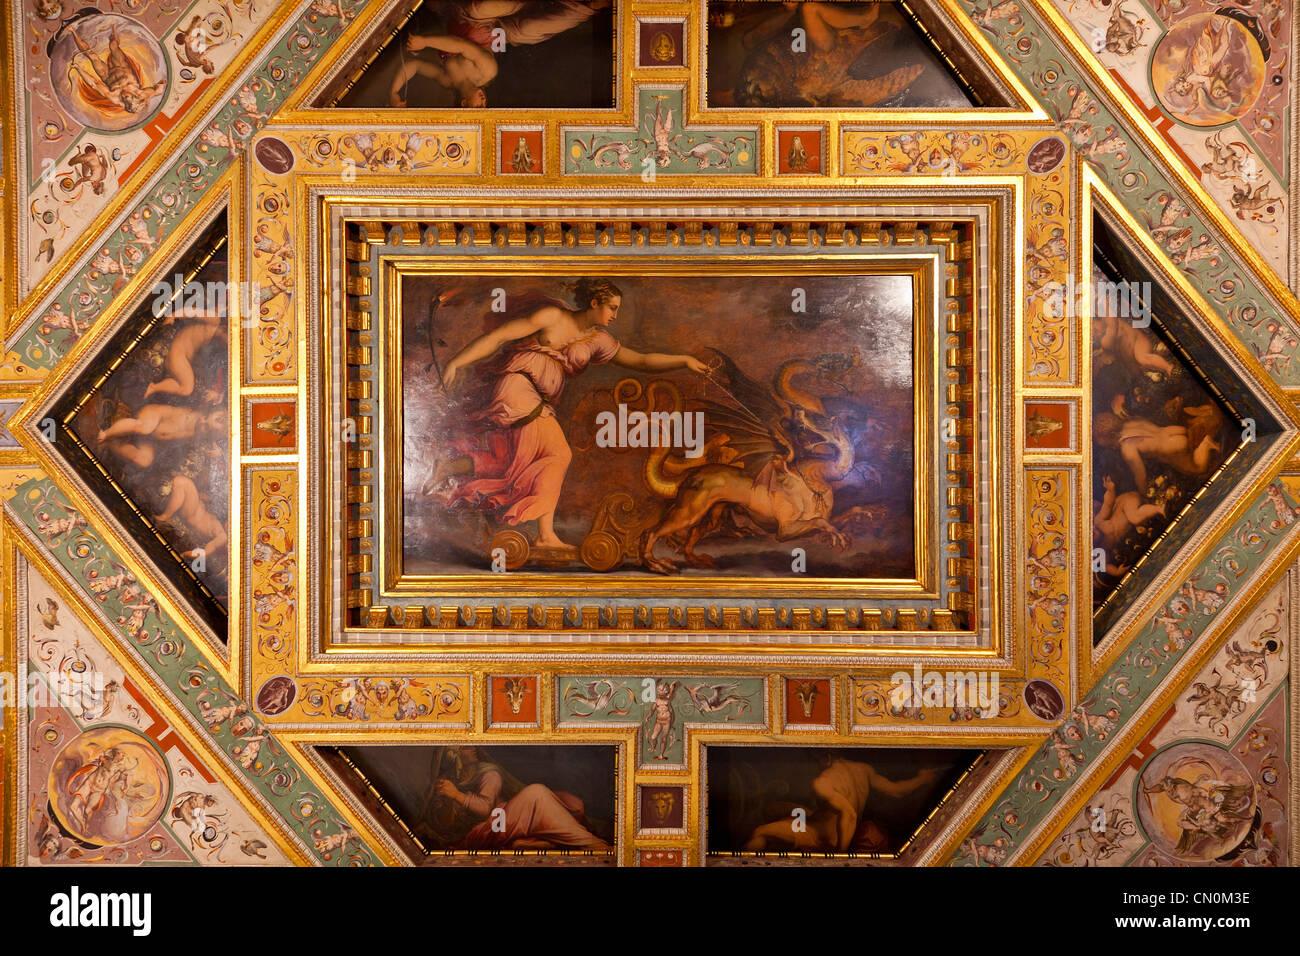 Firenze, pannello di soffitto in Palazzo Vecchio, sito Patrimonio Mondiale dell'Unesco, Immagini Stock